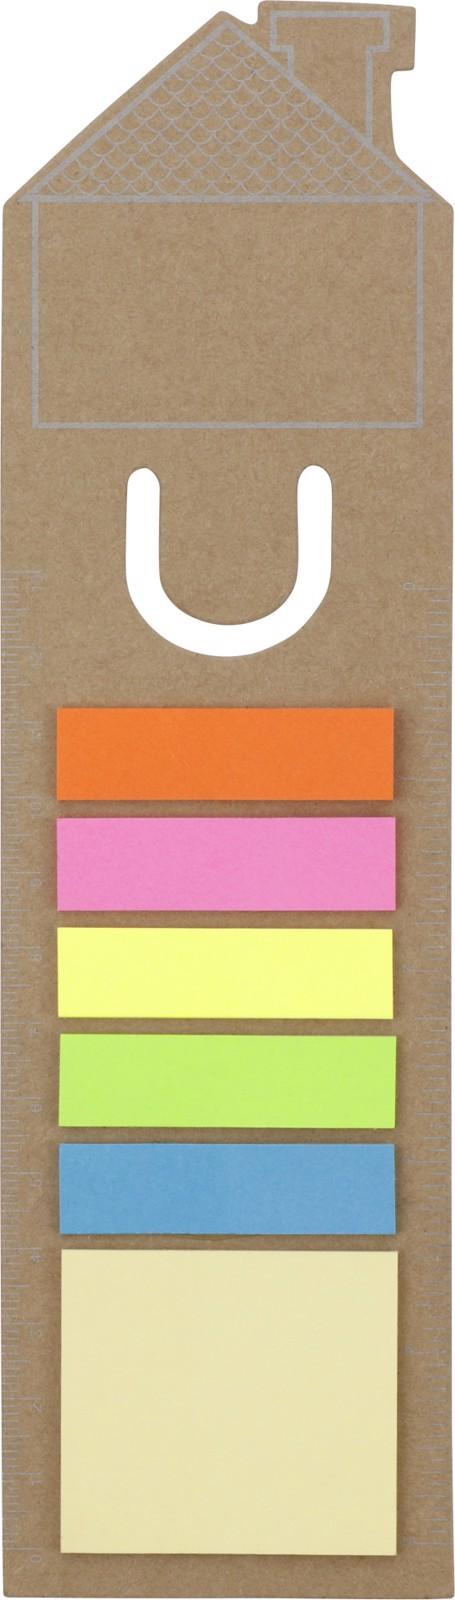 Marcapáginas de cartón - Brown